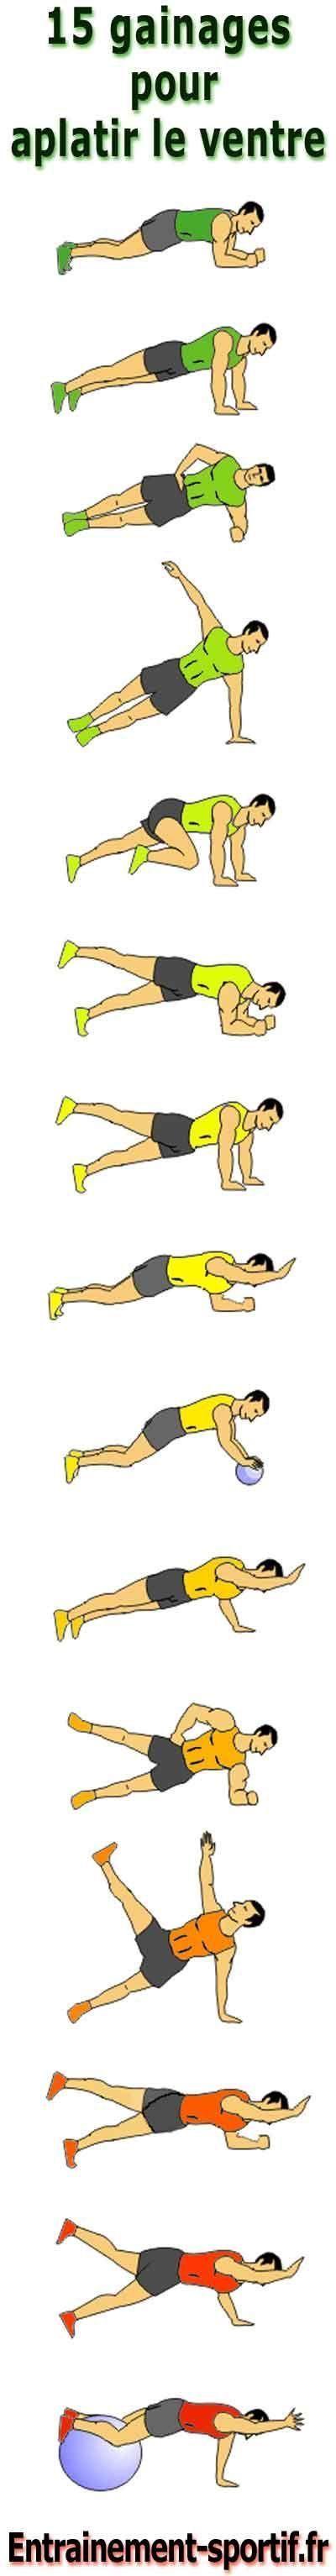 Programme de 15 exercices faciles à faire chez soi pour